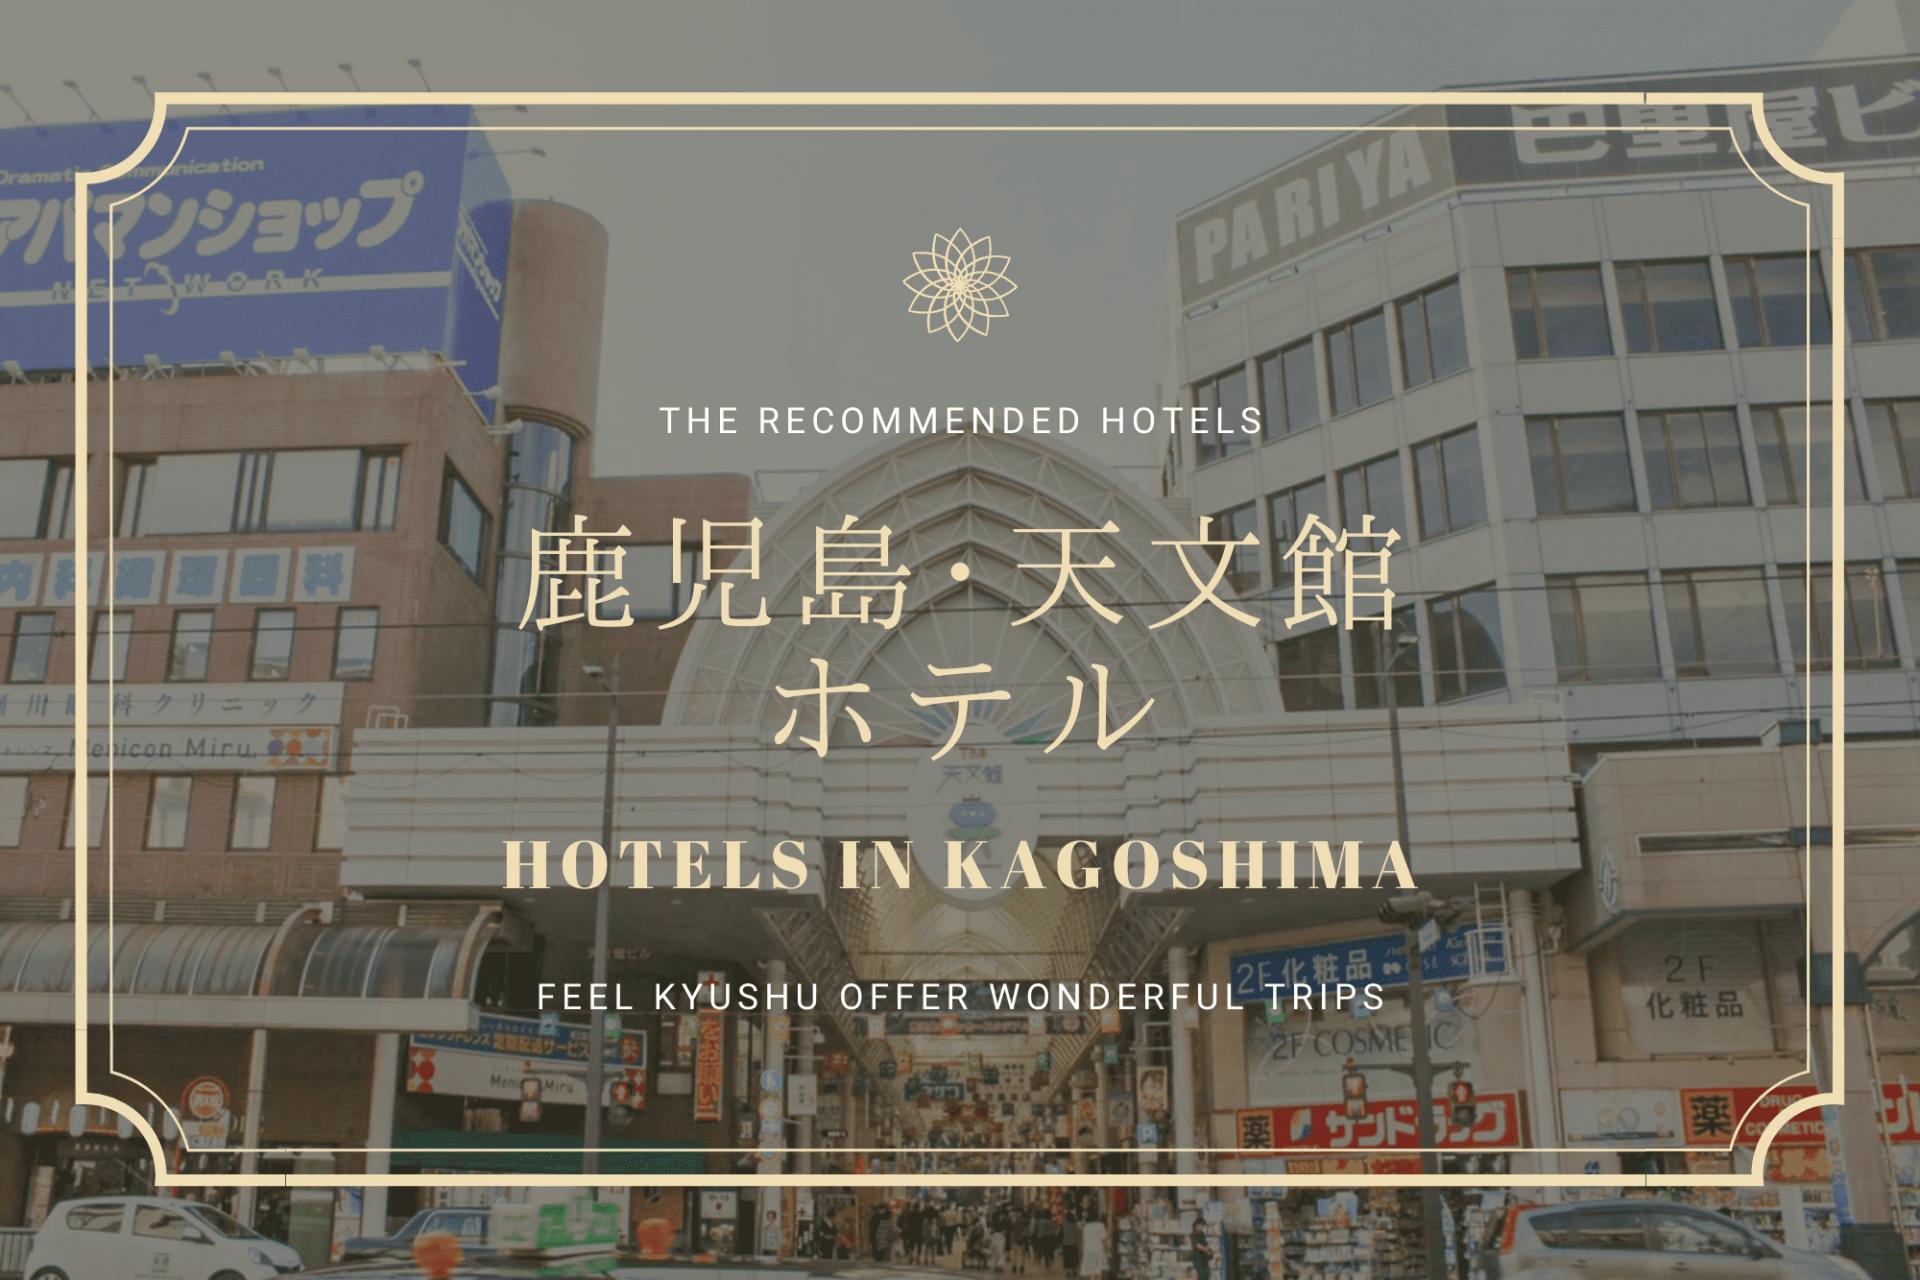 鹿児島 天文館 ホテル 宿 おすすめ 旅行